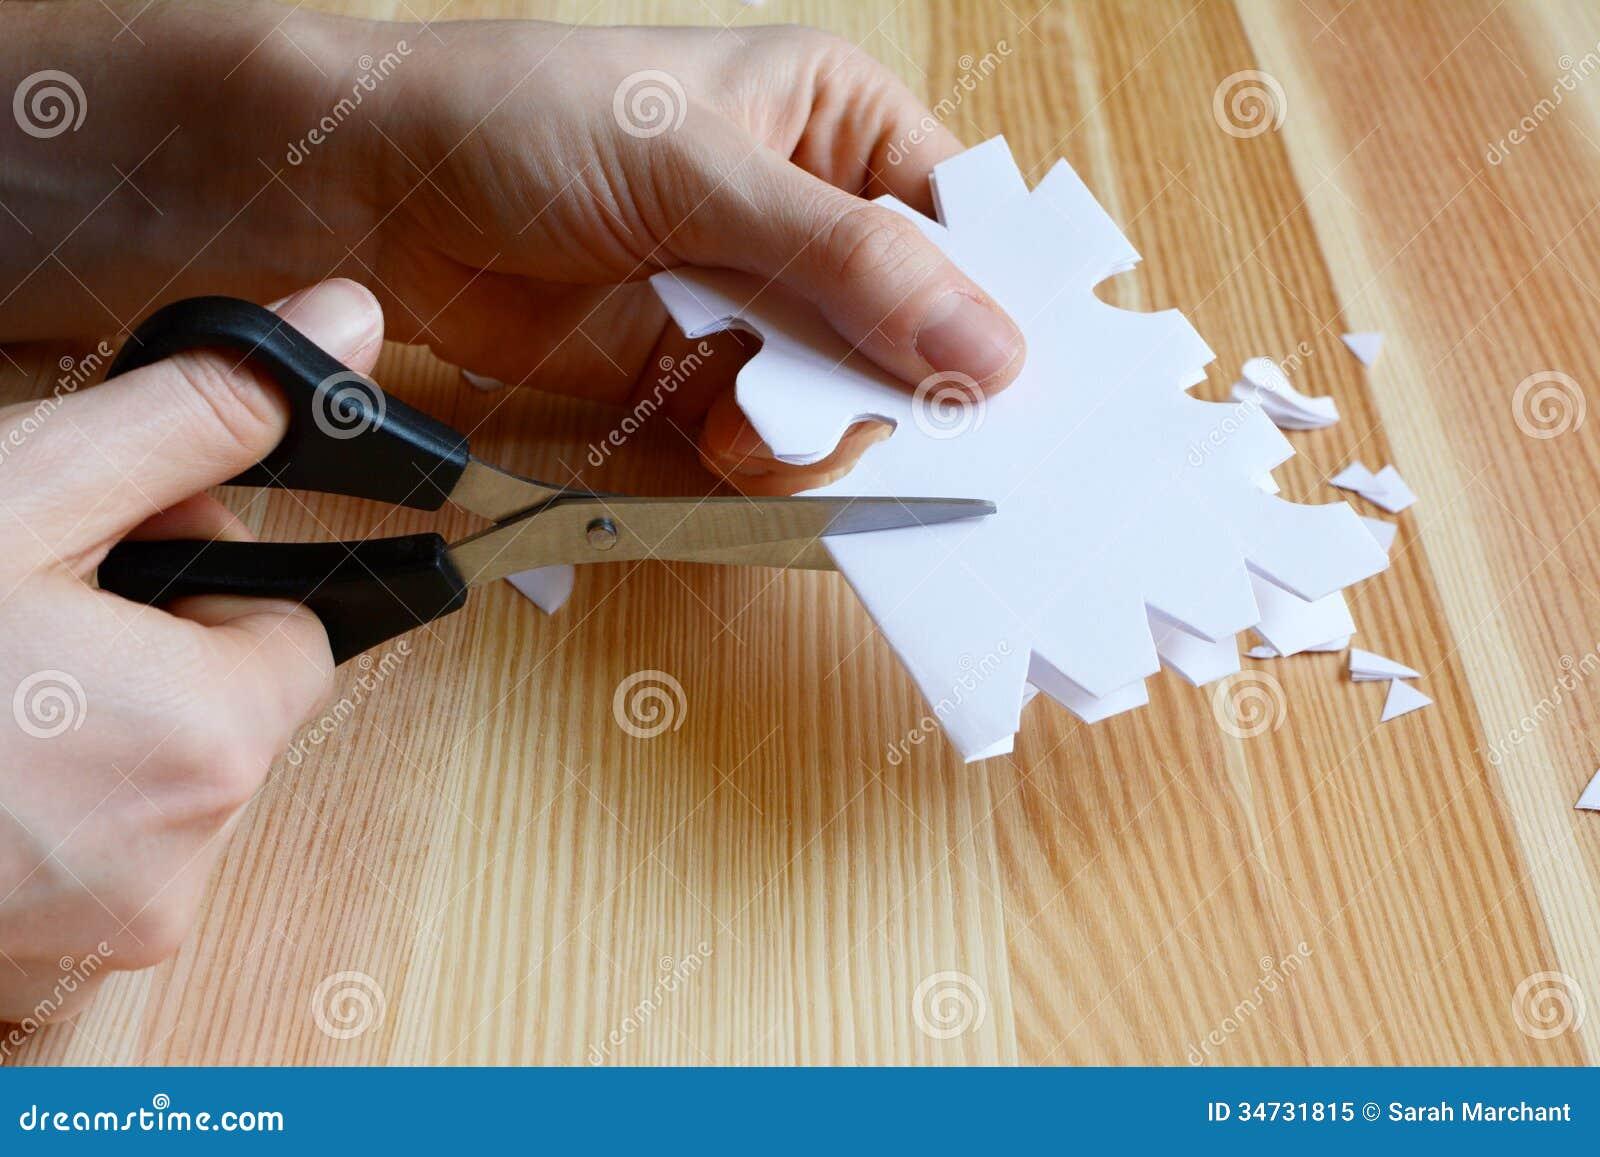 Fiocchi Di Neve Di Carta Modelli : Facendo uso delle forbici per tagliare un fiocco di neve di carta